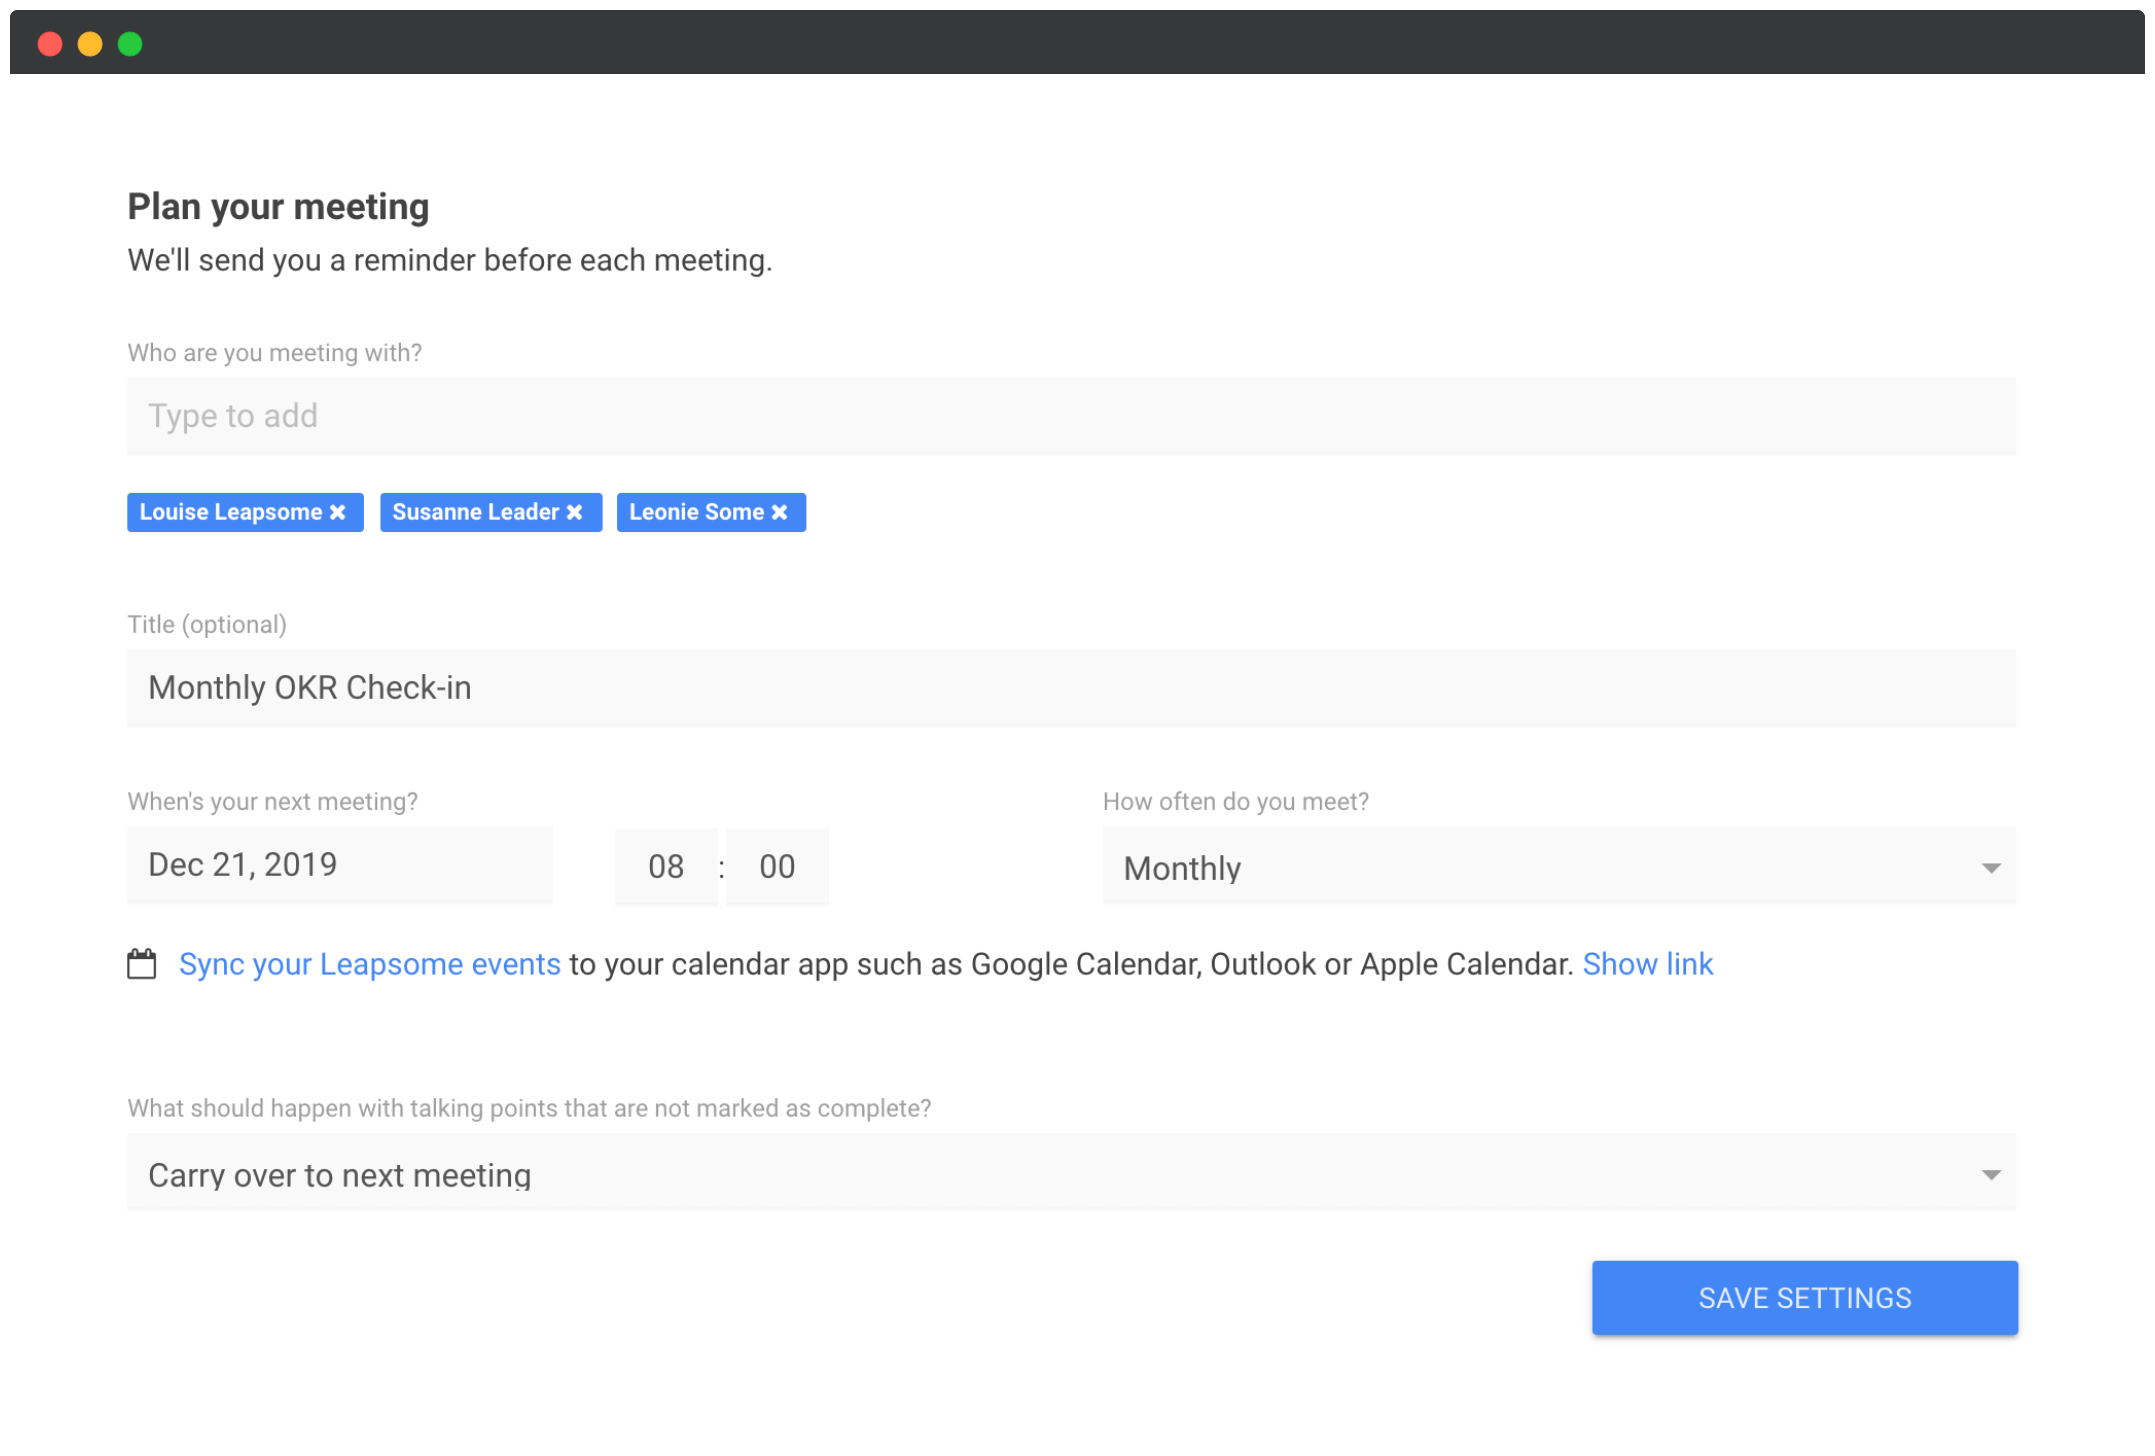 Team meetings scheduling page screenshot